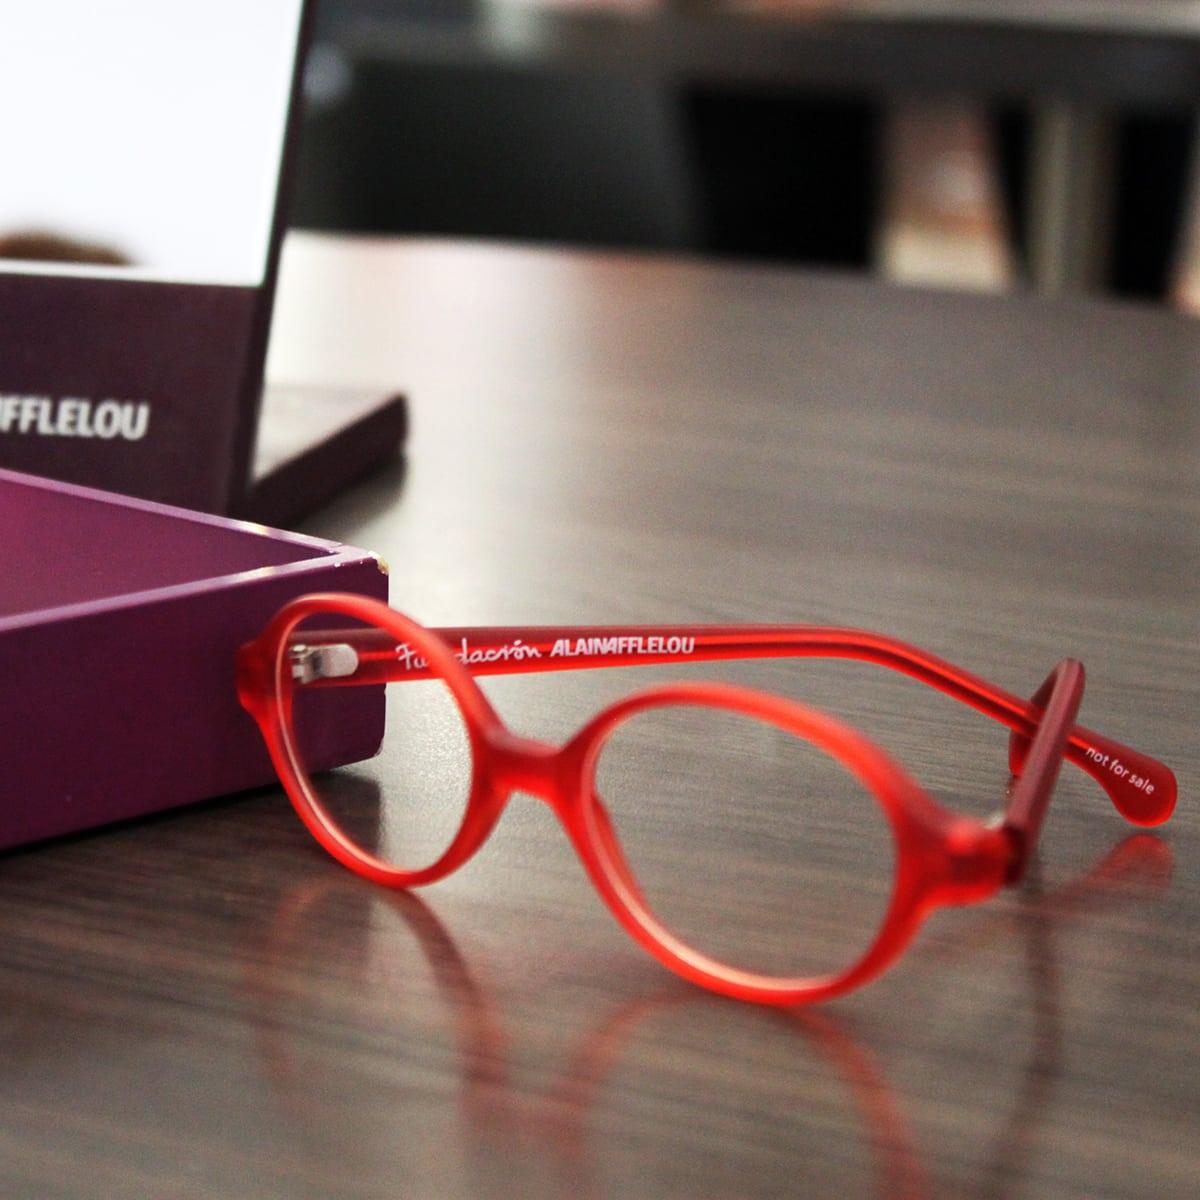 5f9aaf9a60 Además de esto, hay que conseguir que las monturas les resulten cómodas  durante el uso. Unas gafas que sean demasiado rígidas o que se caigan  fácilmente, ...